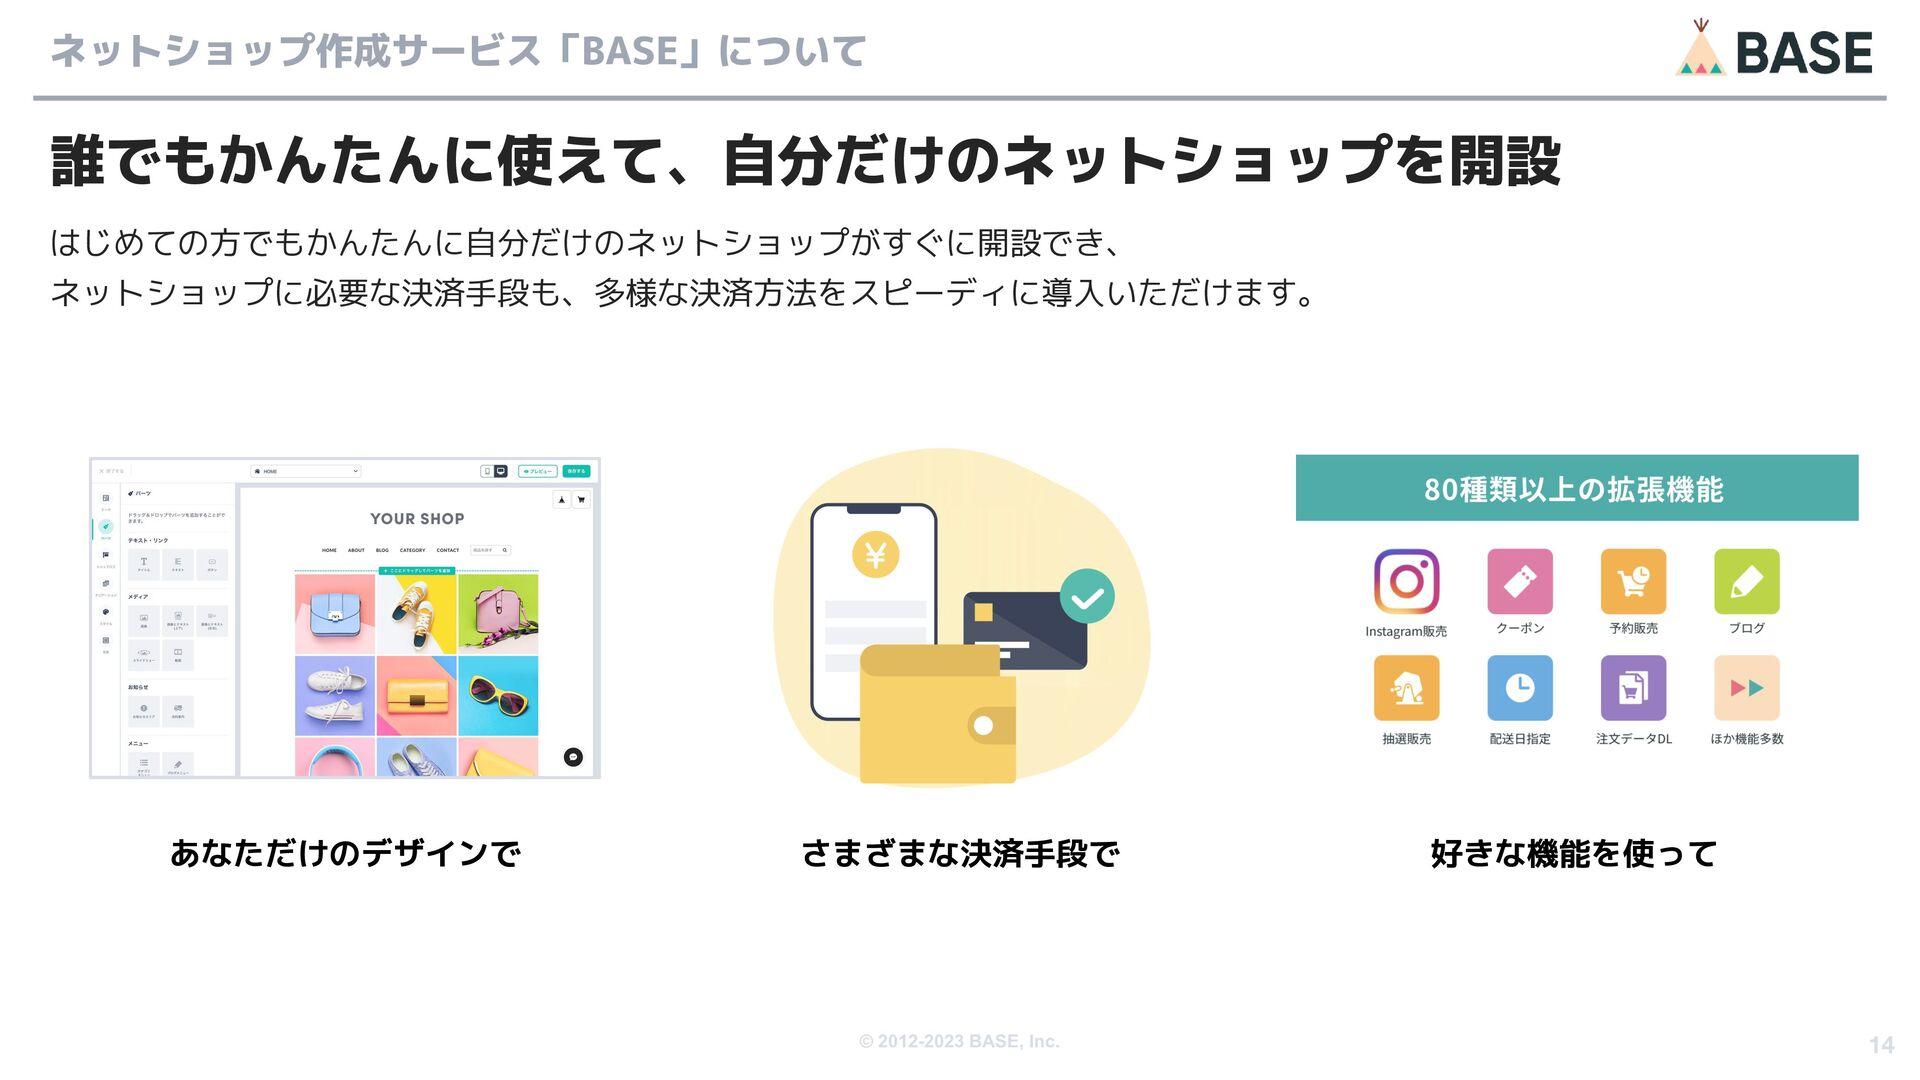 © 2012-2020 BASE, Inc. Eコマース プラットフォーム 「BASE」について